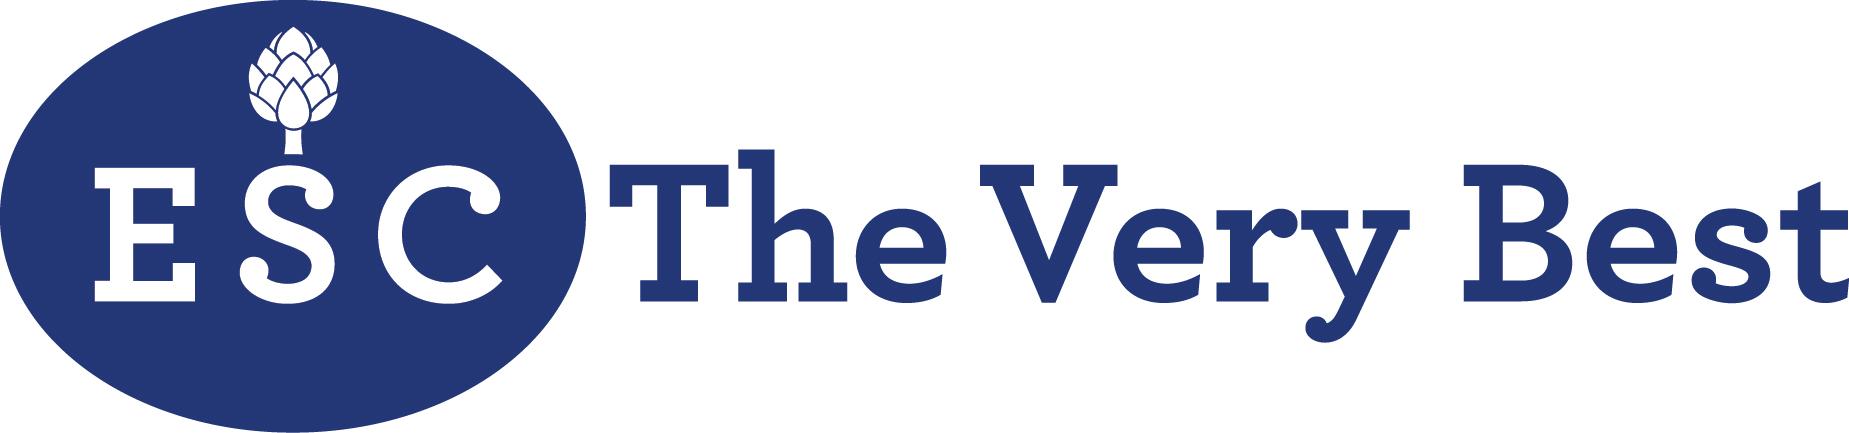 ESC_TheVeryBest_logo_blue copy.jpg